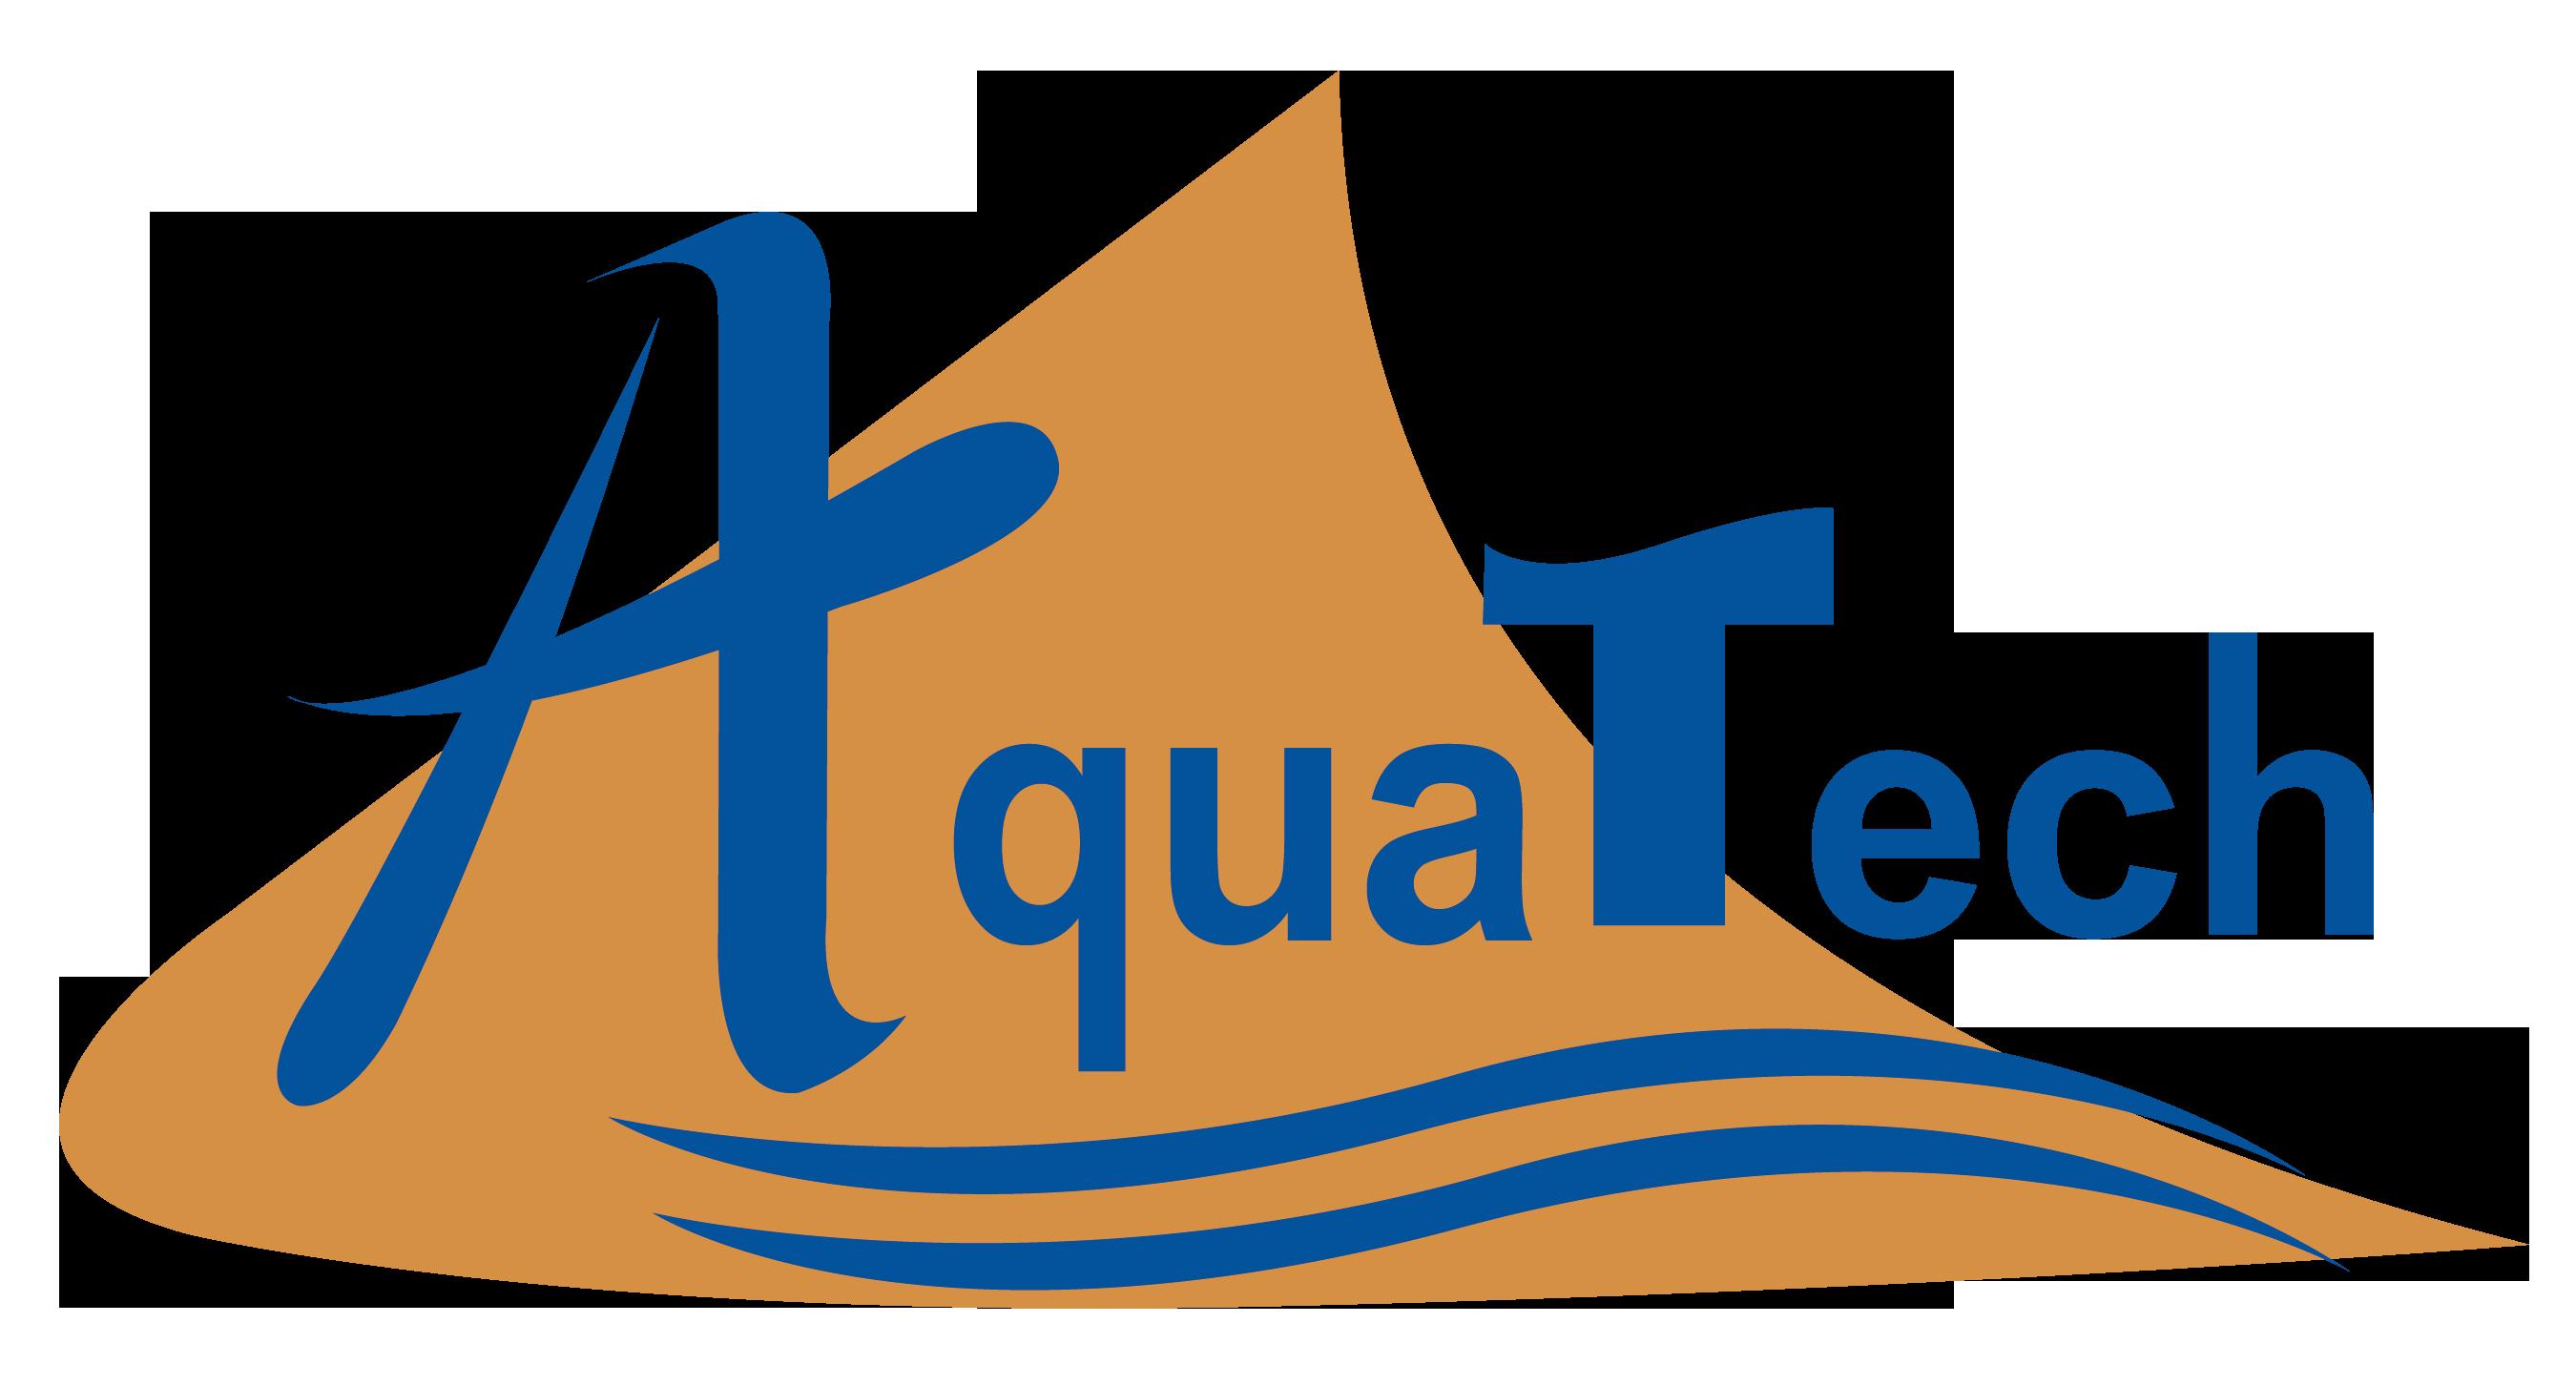 Aquatech fabricaci n de piscinas ba eras jacuzzis spa for Fabricacion de piscinas